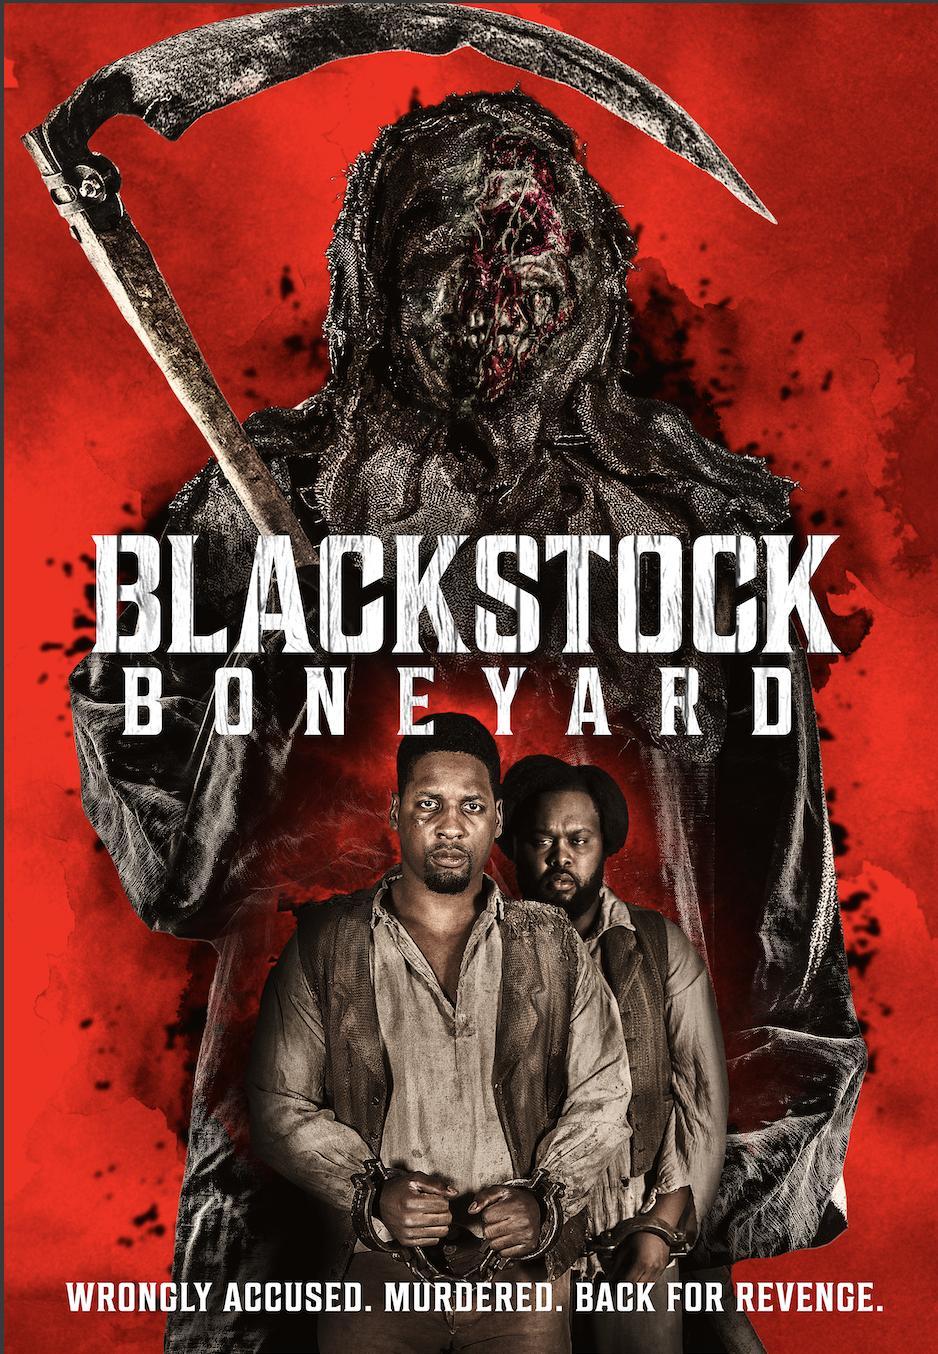 Blackstock Boneyard 2021 English 720p HDRip 800MB Download